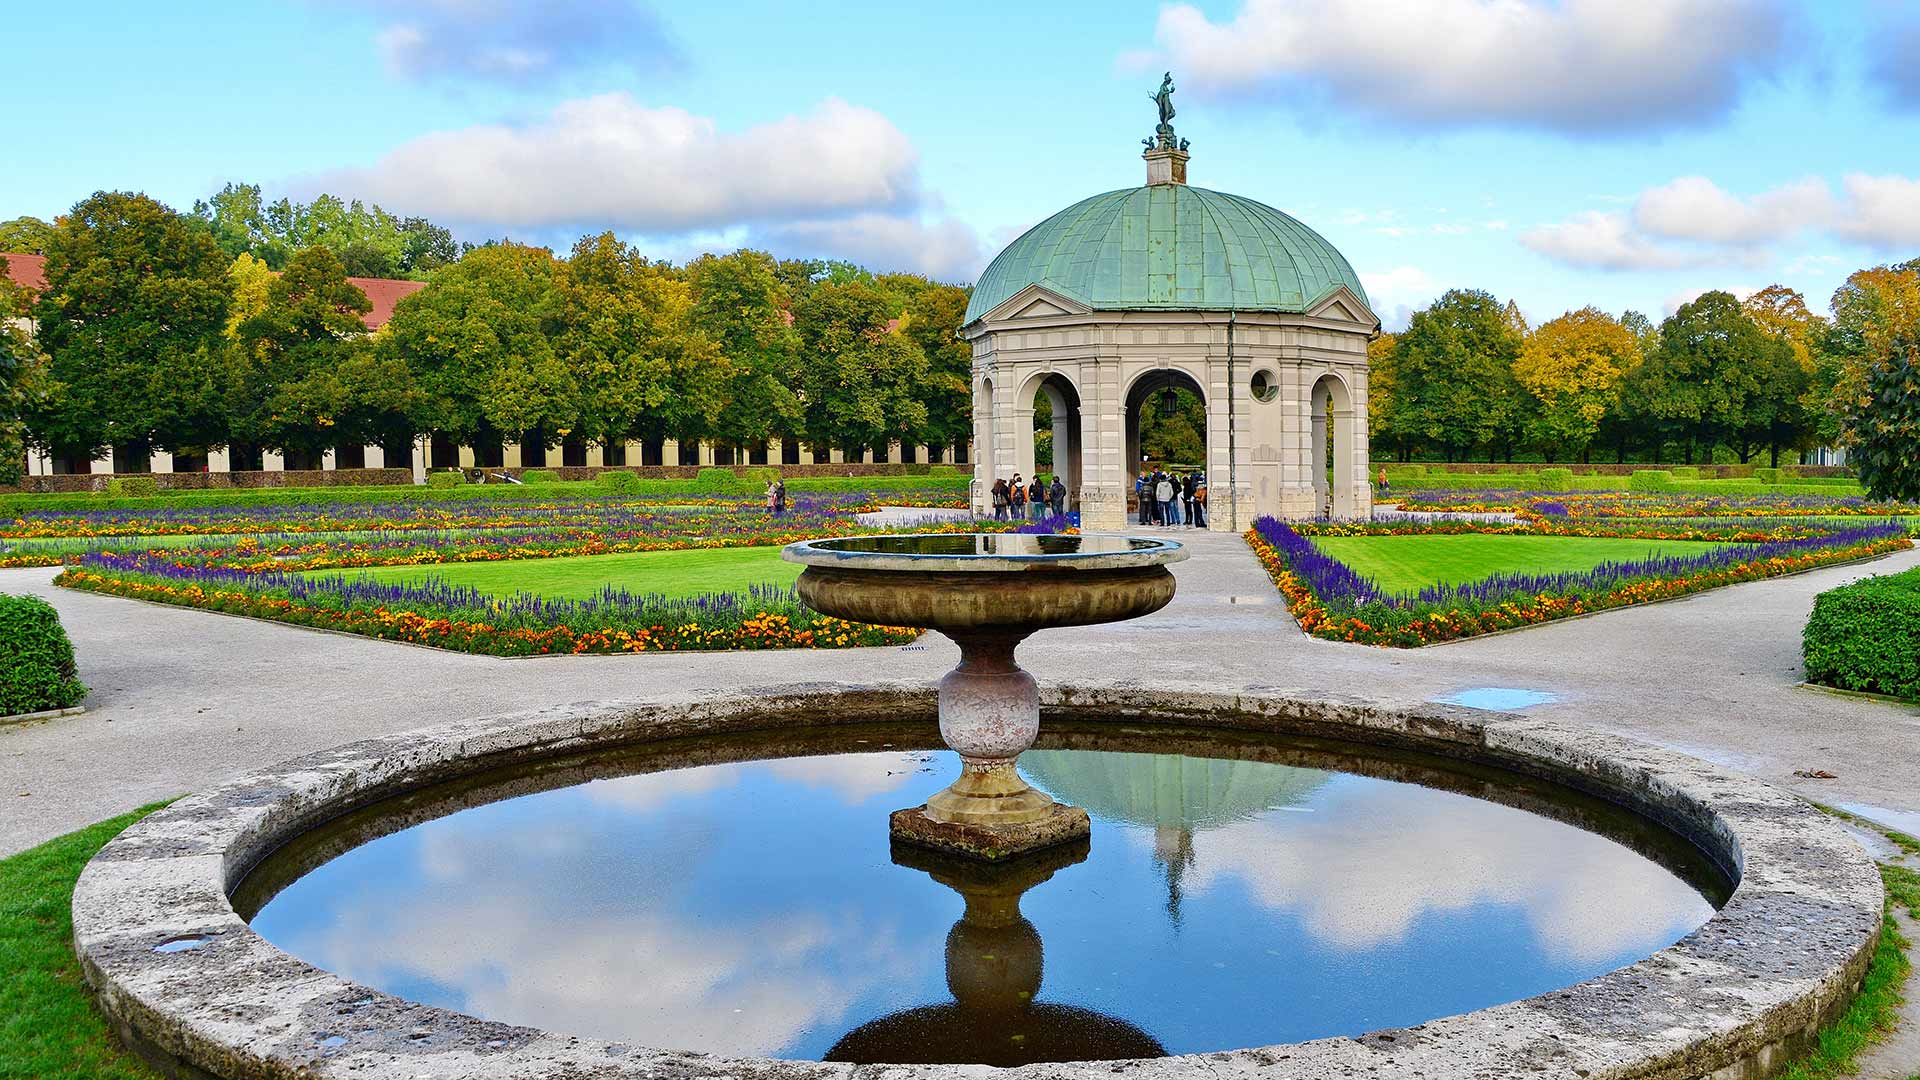 Hofgarten, Munich, Bavaria, Germany (© Rüdiger Hess/geo-select FotoArt)